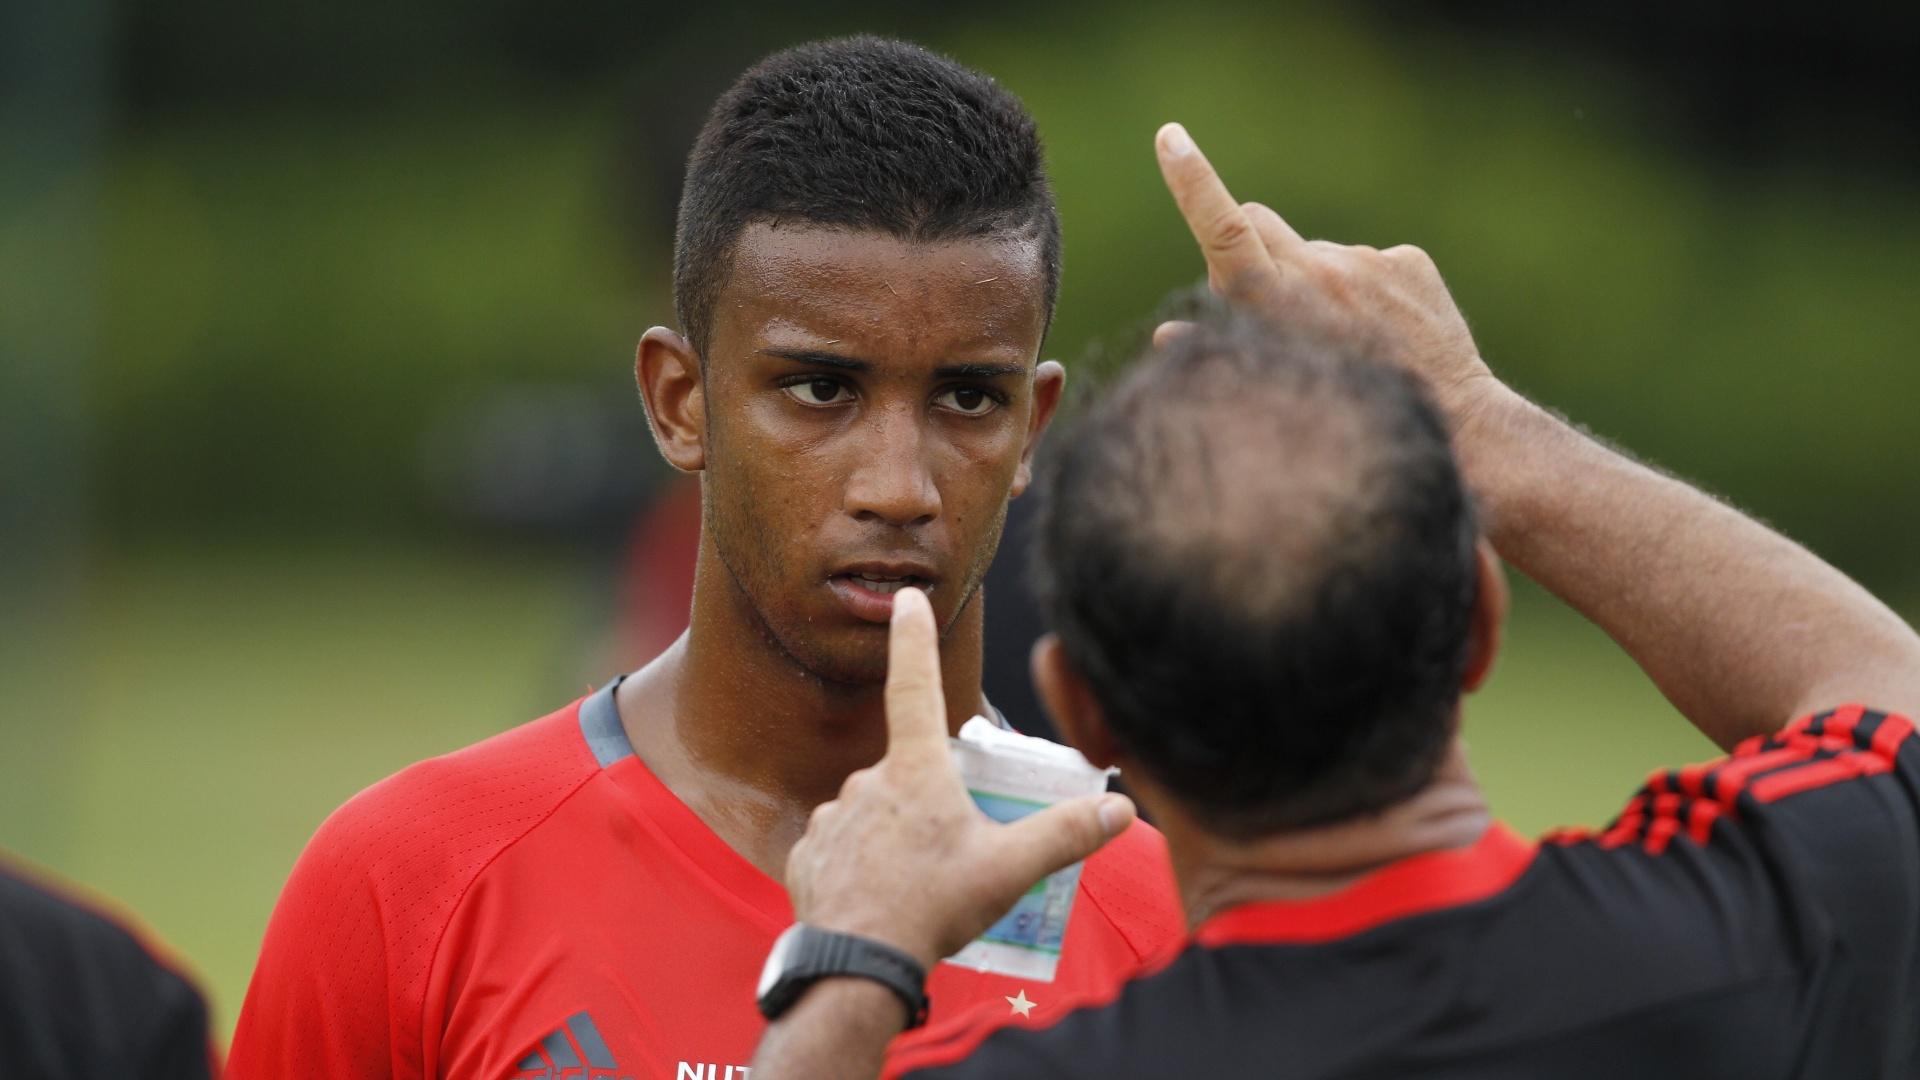 Titular do Flamengo, o lateral-esquerdo Jorge recebe orientações de Muricy Ramalho